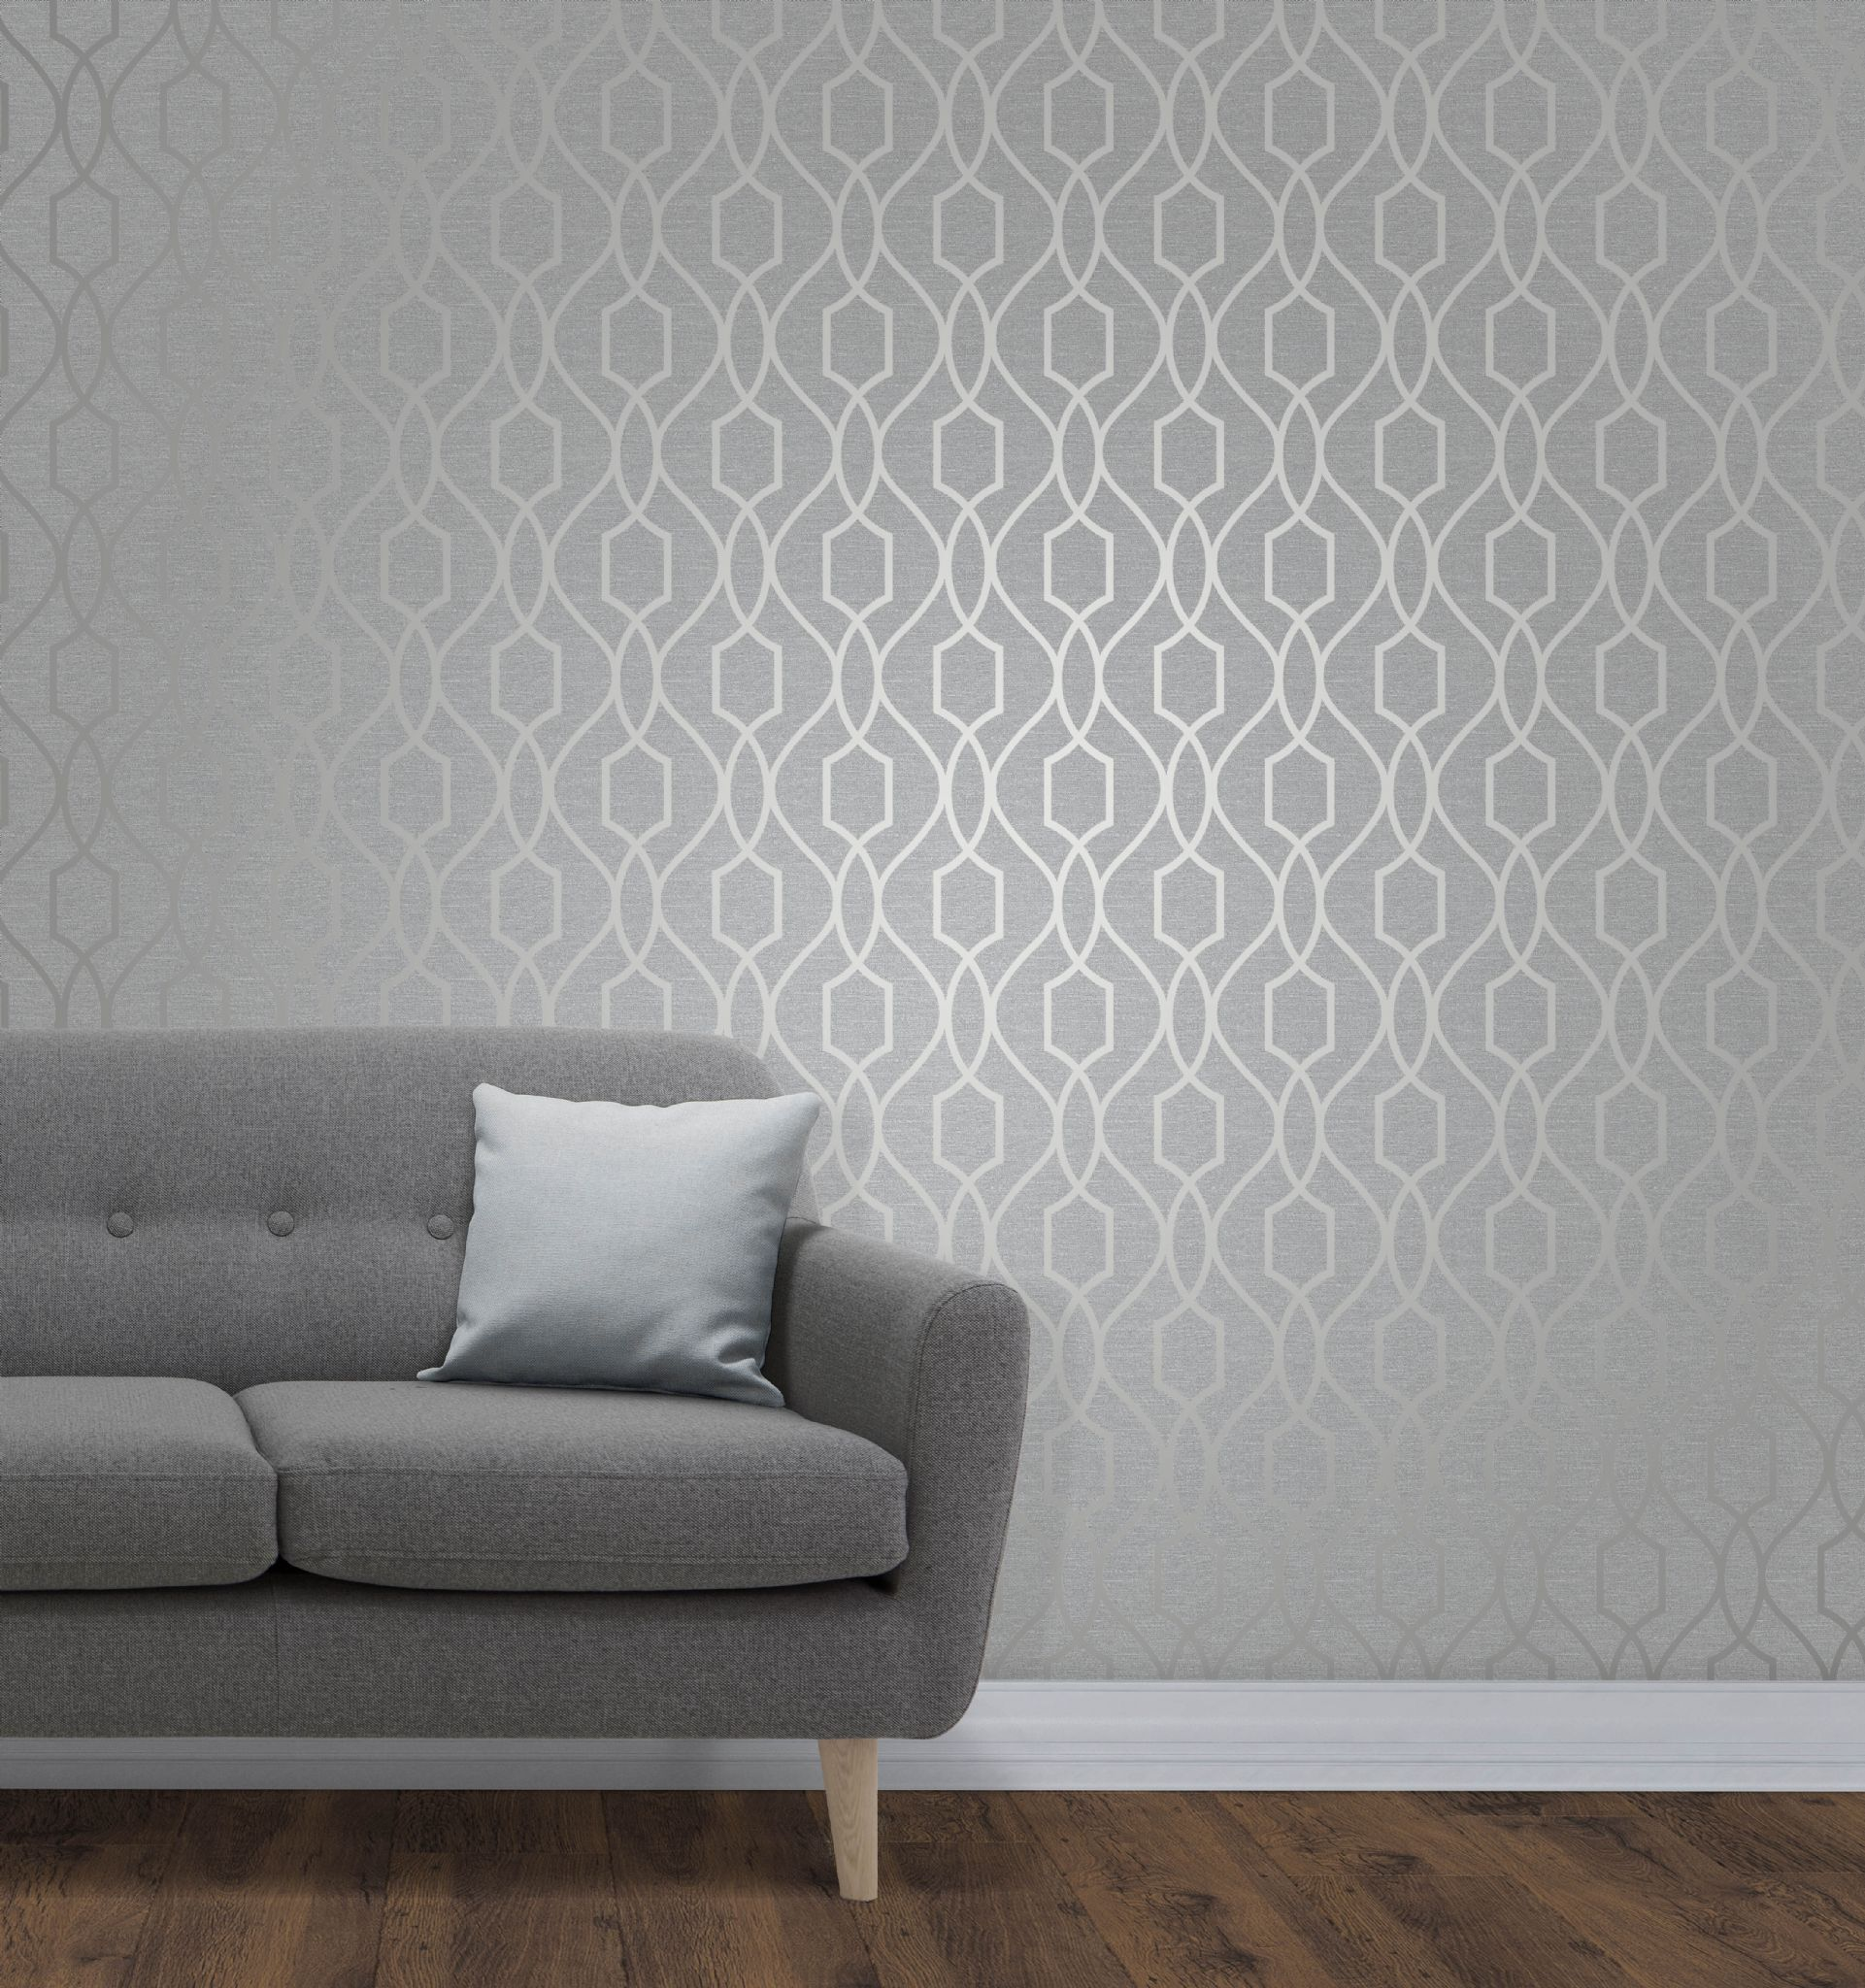 Fine Decor Apex Geo Trellis Silver Fd41995 Wallpaper